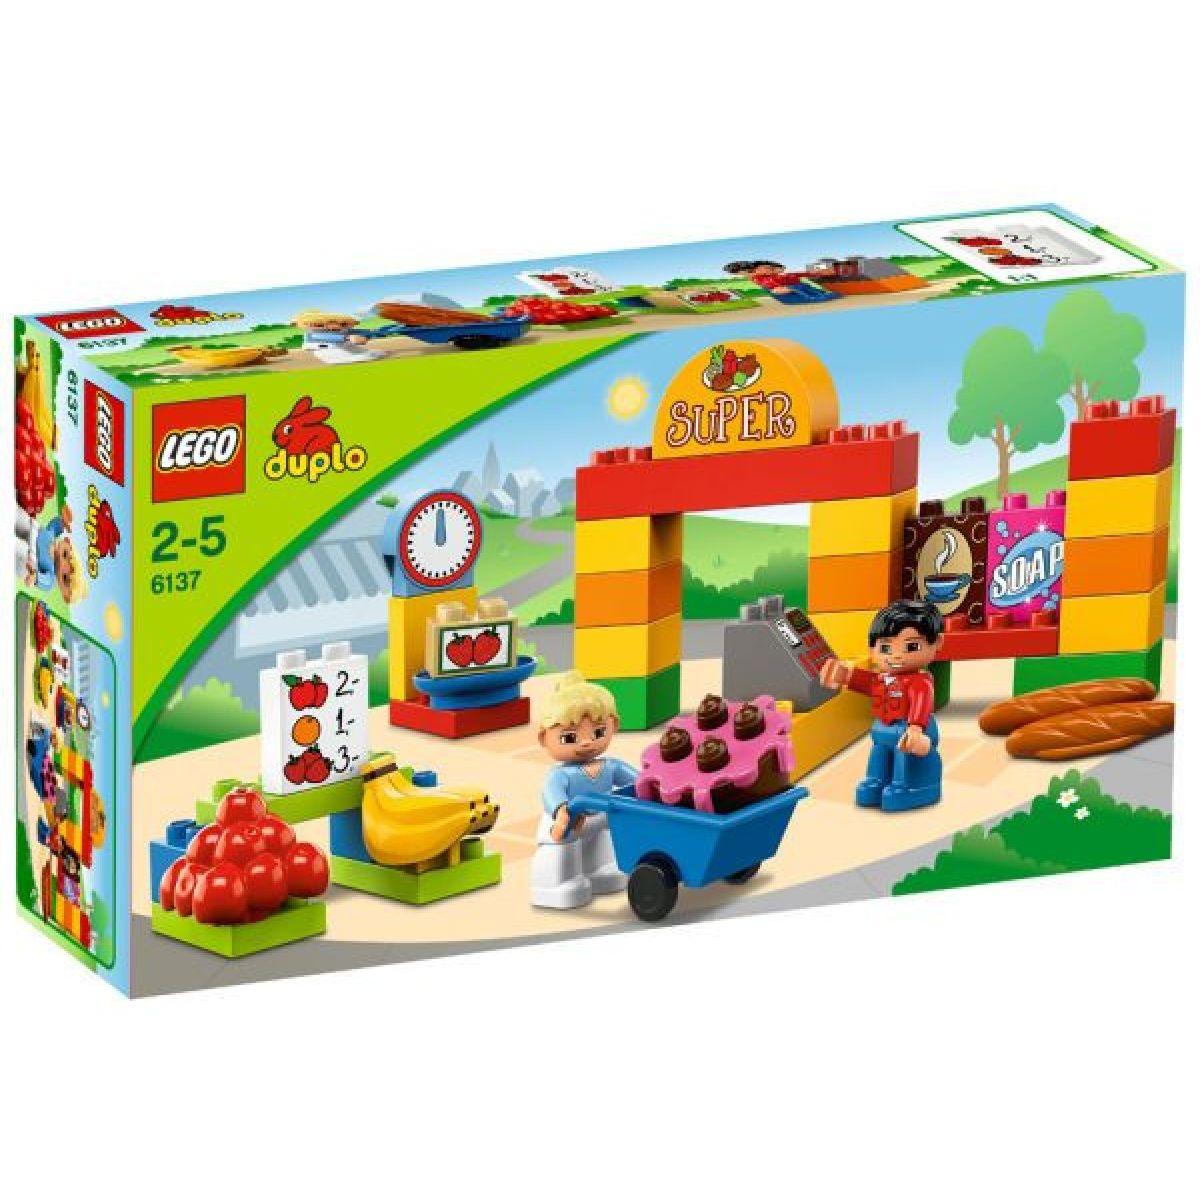 LEGO DUPLO 6137 Můj první supermarket